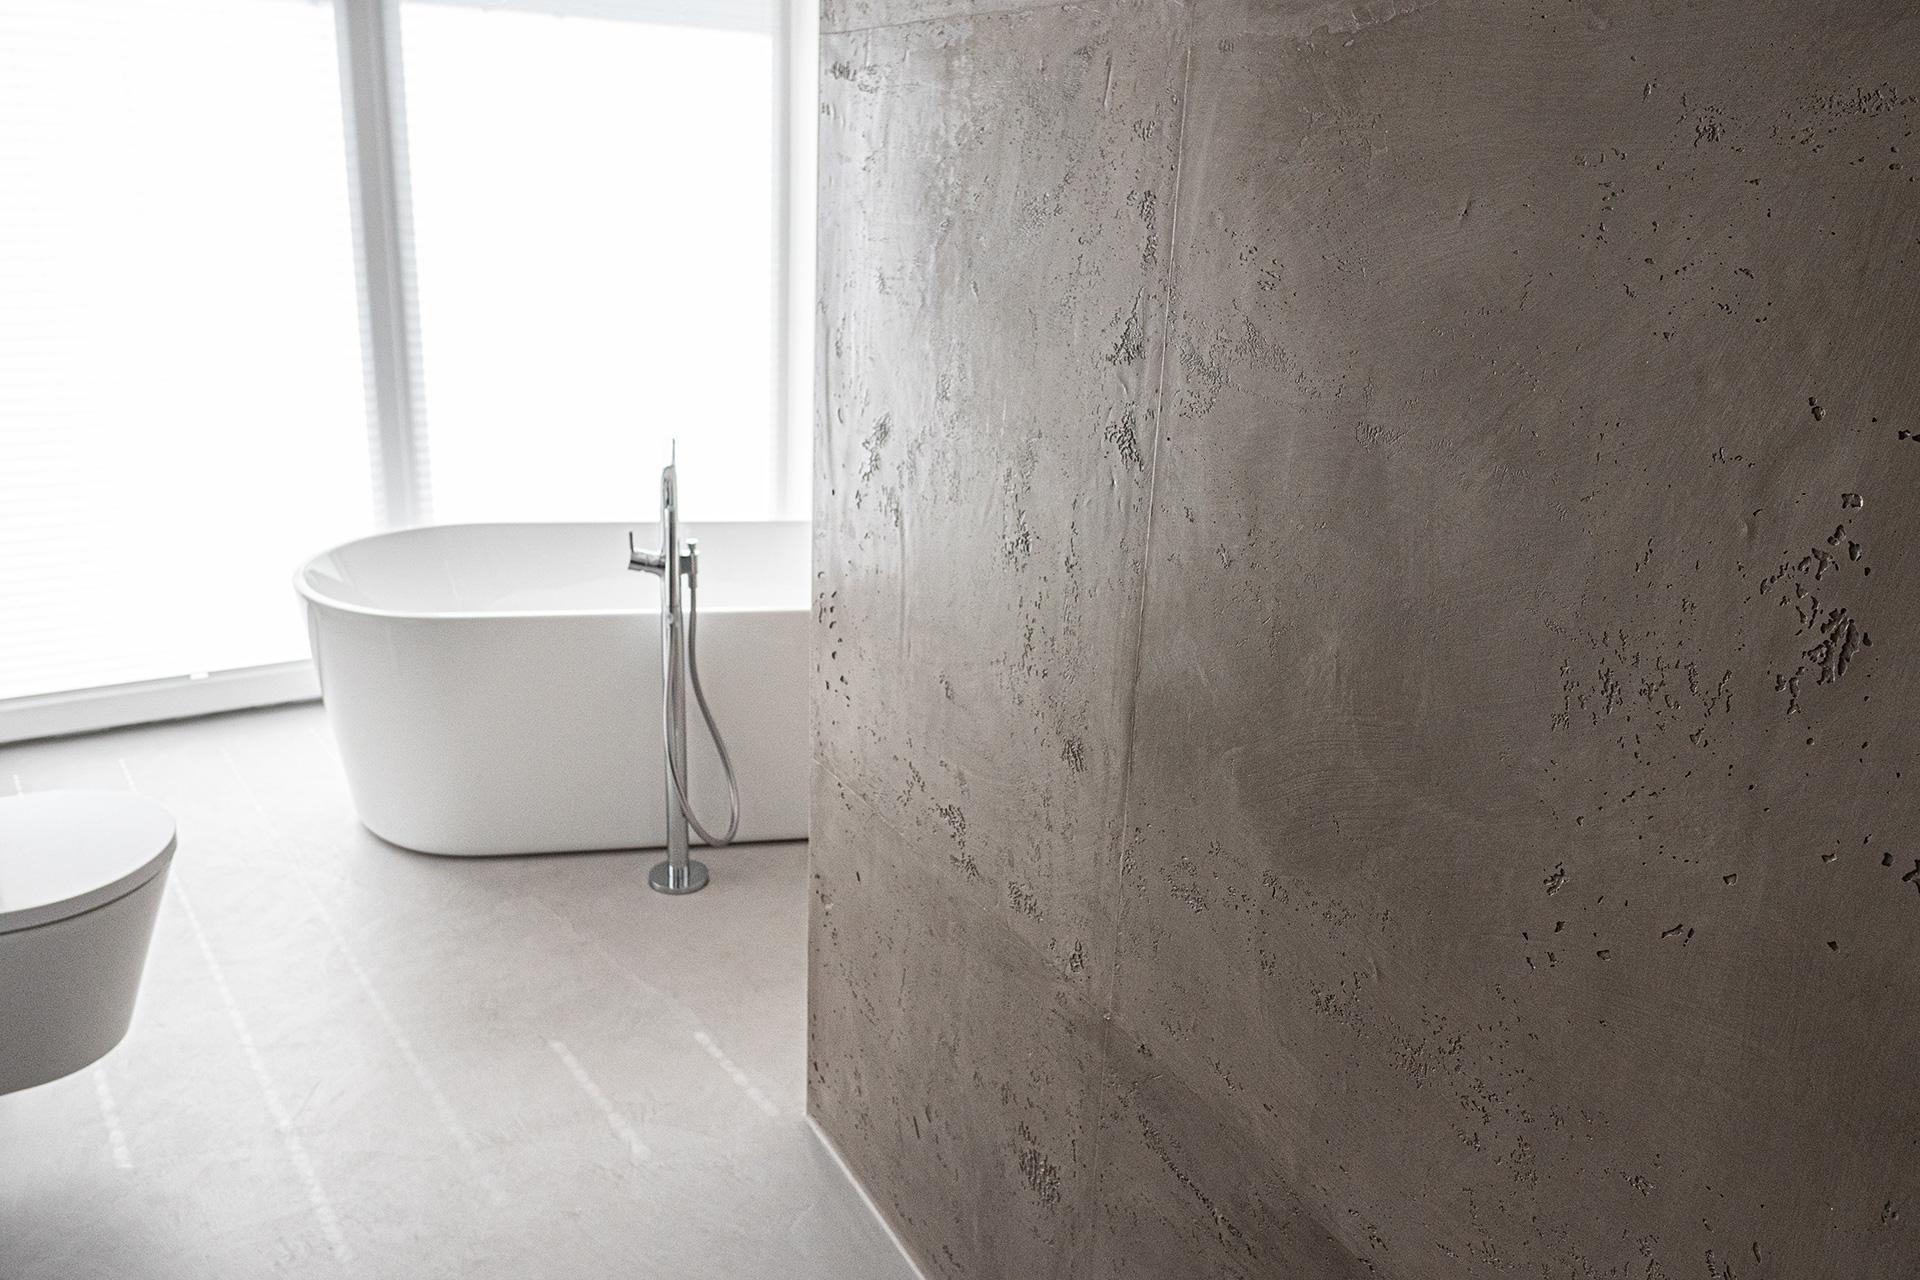 Betonoptik wand   wohnen betonoptik   badezimmer betonoptik   Volimea